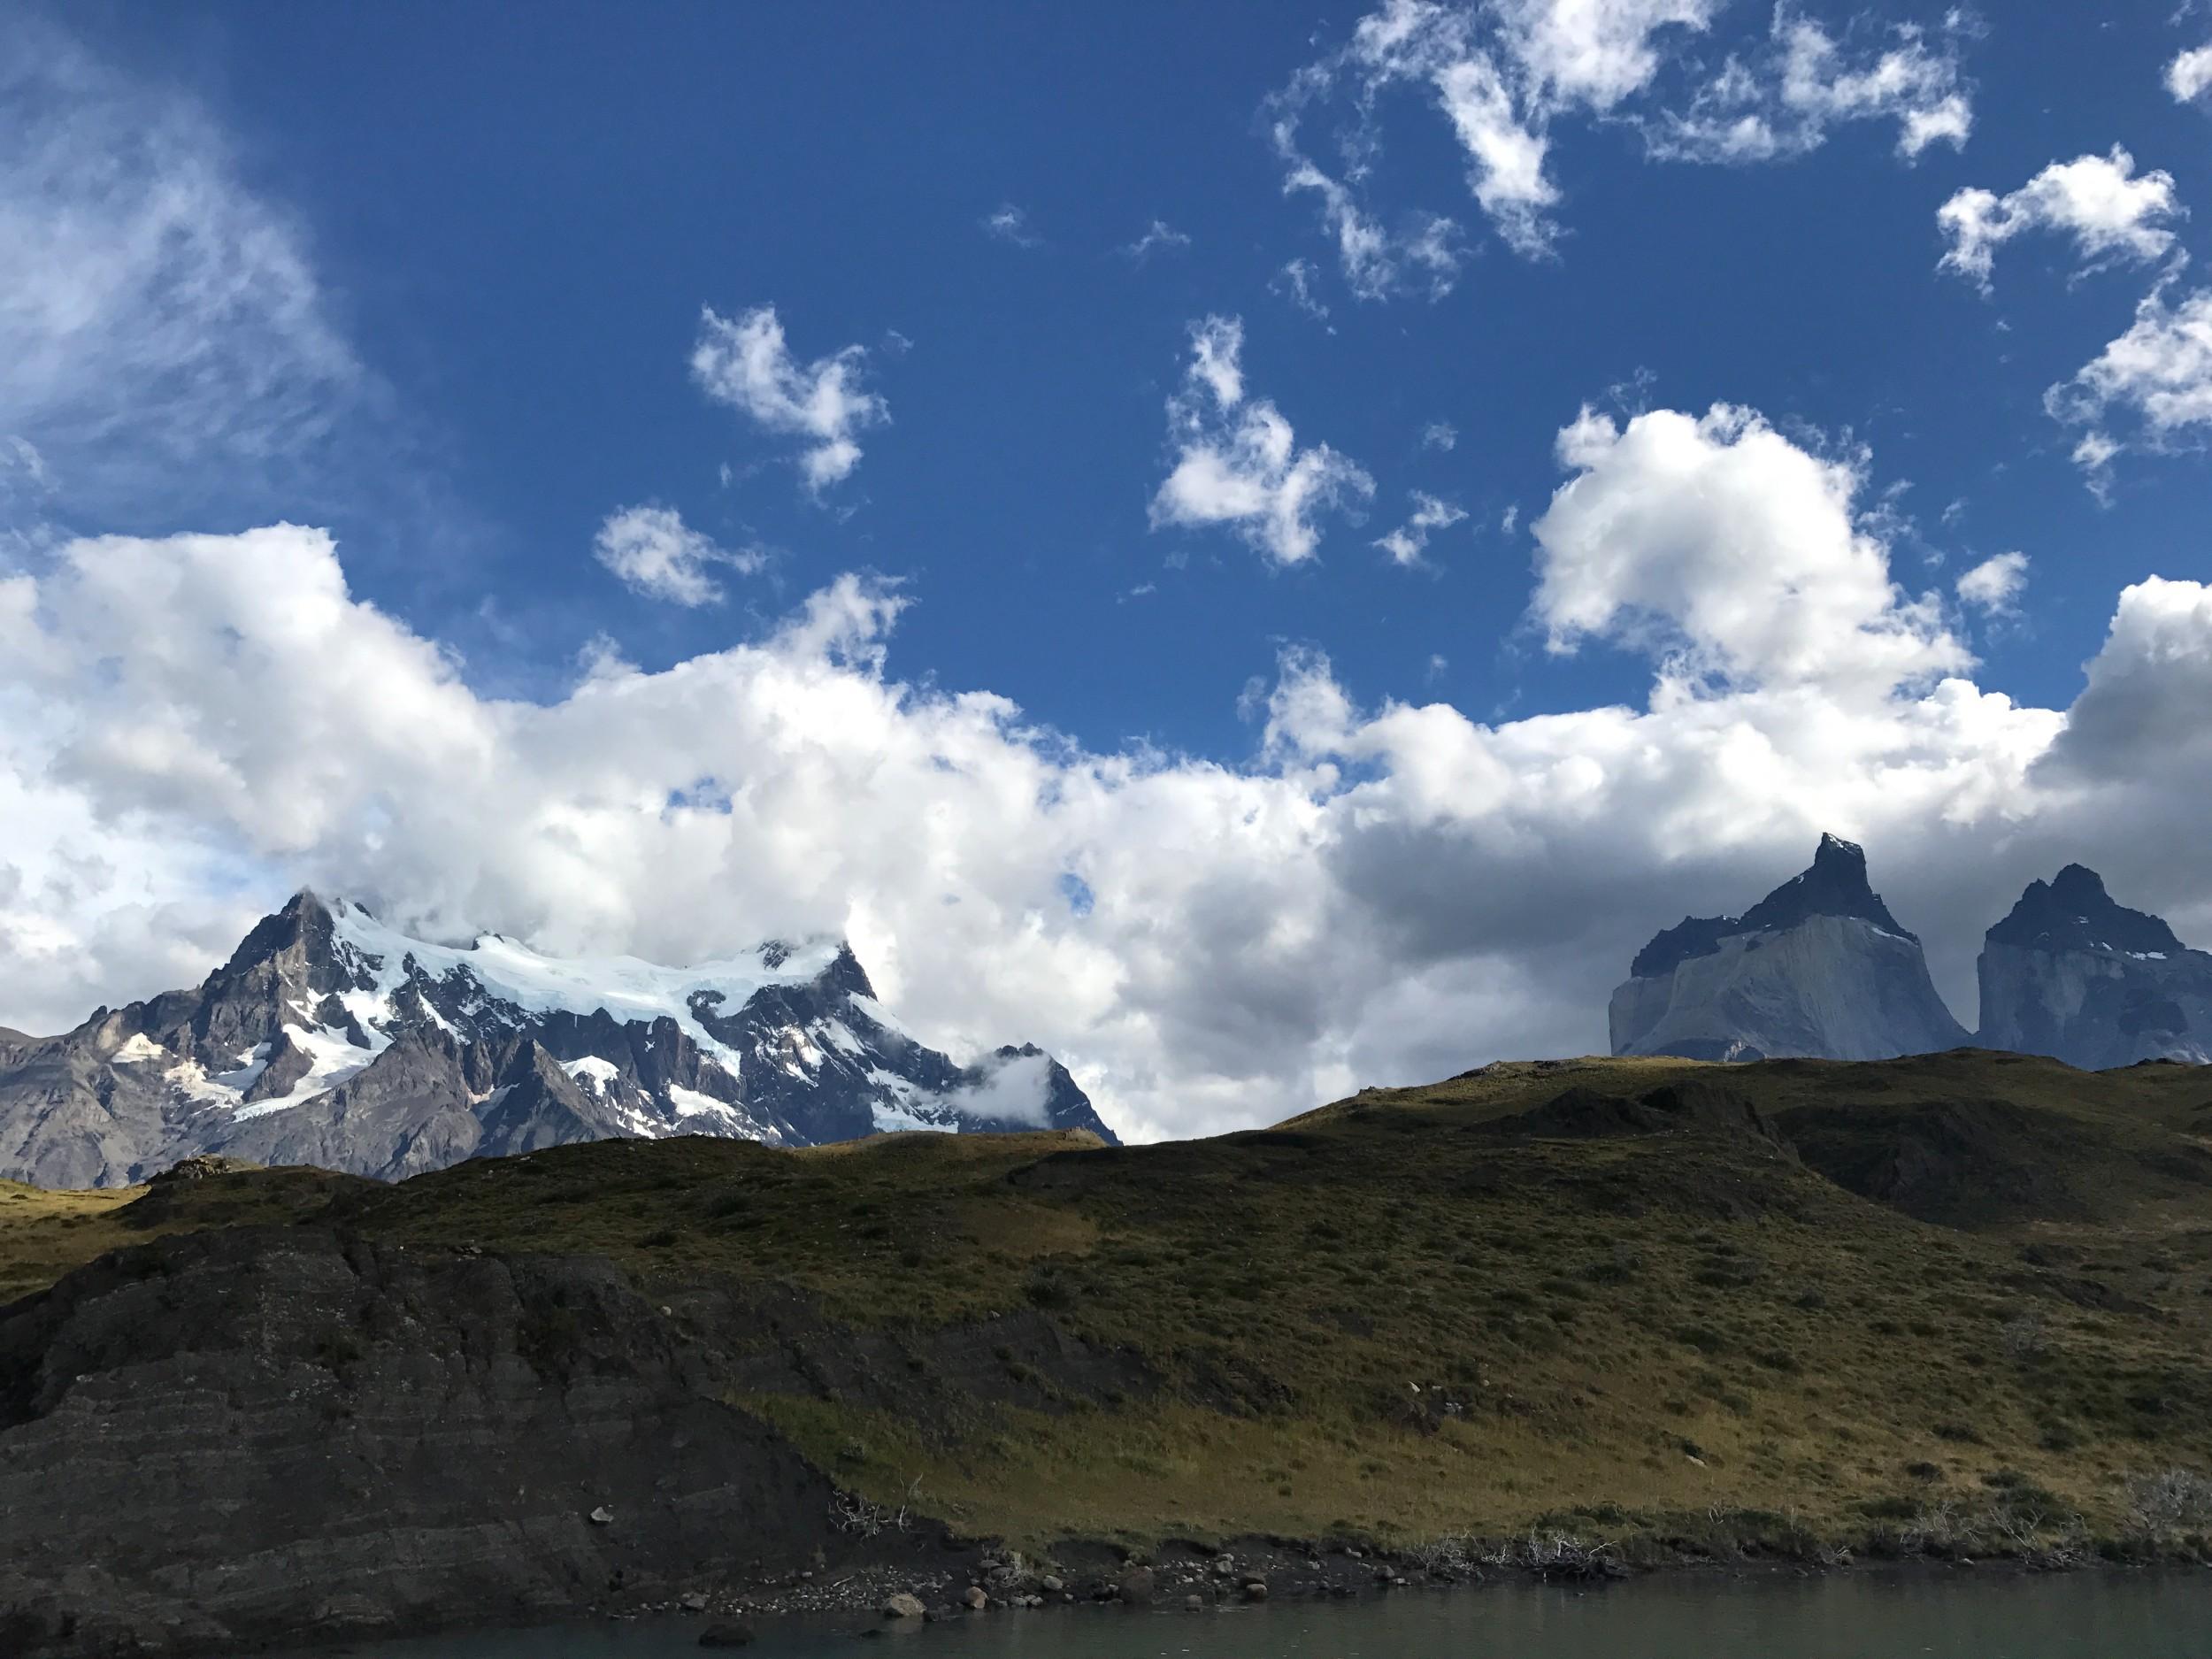 Torres_del_paine_snow_peaks.jpg